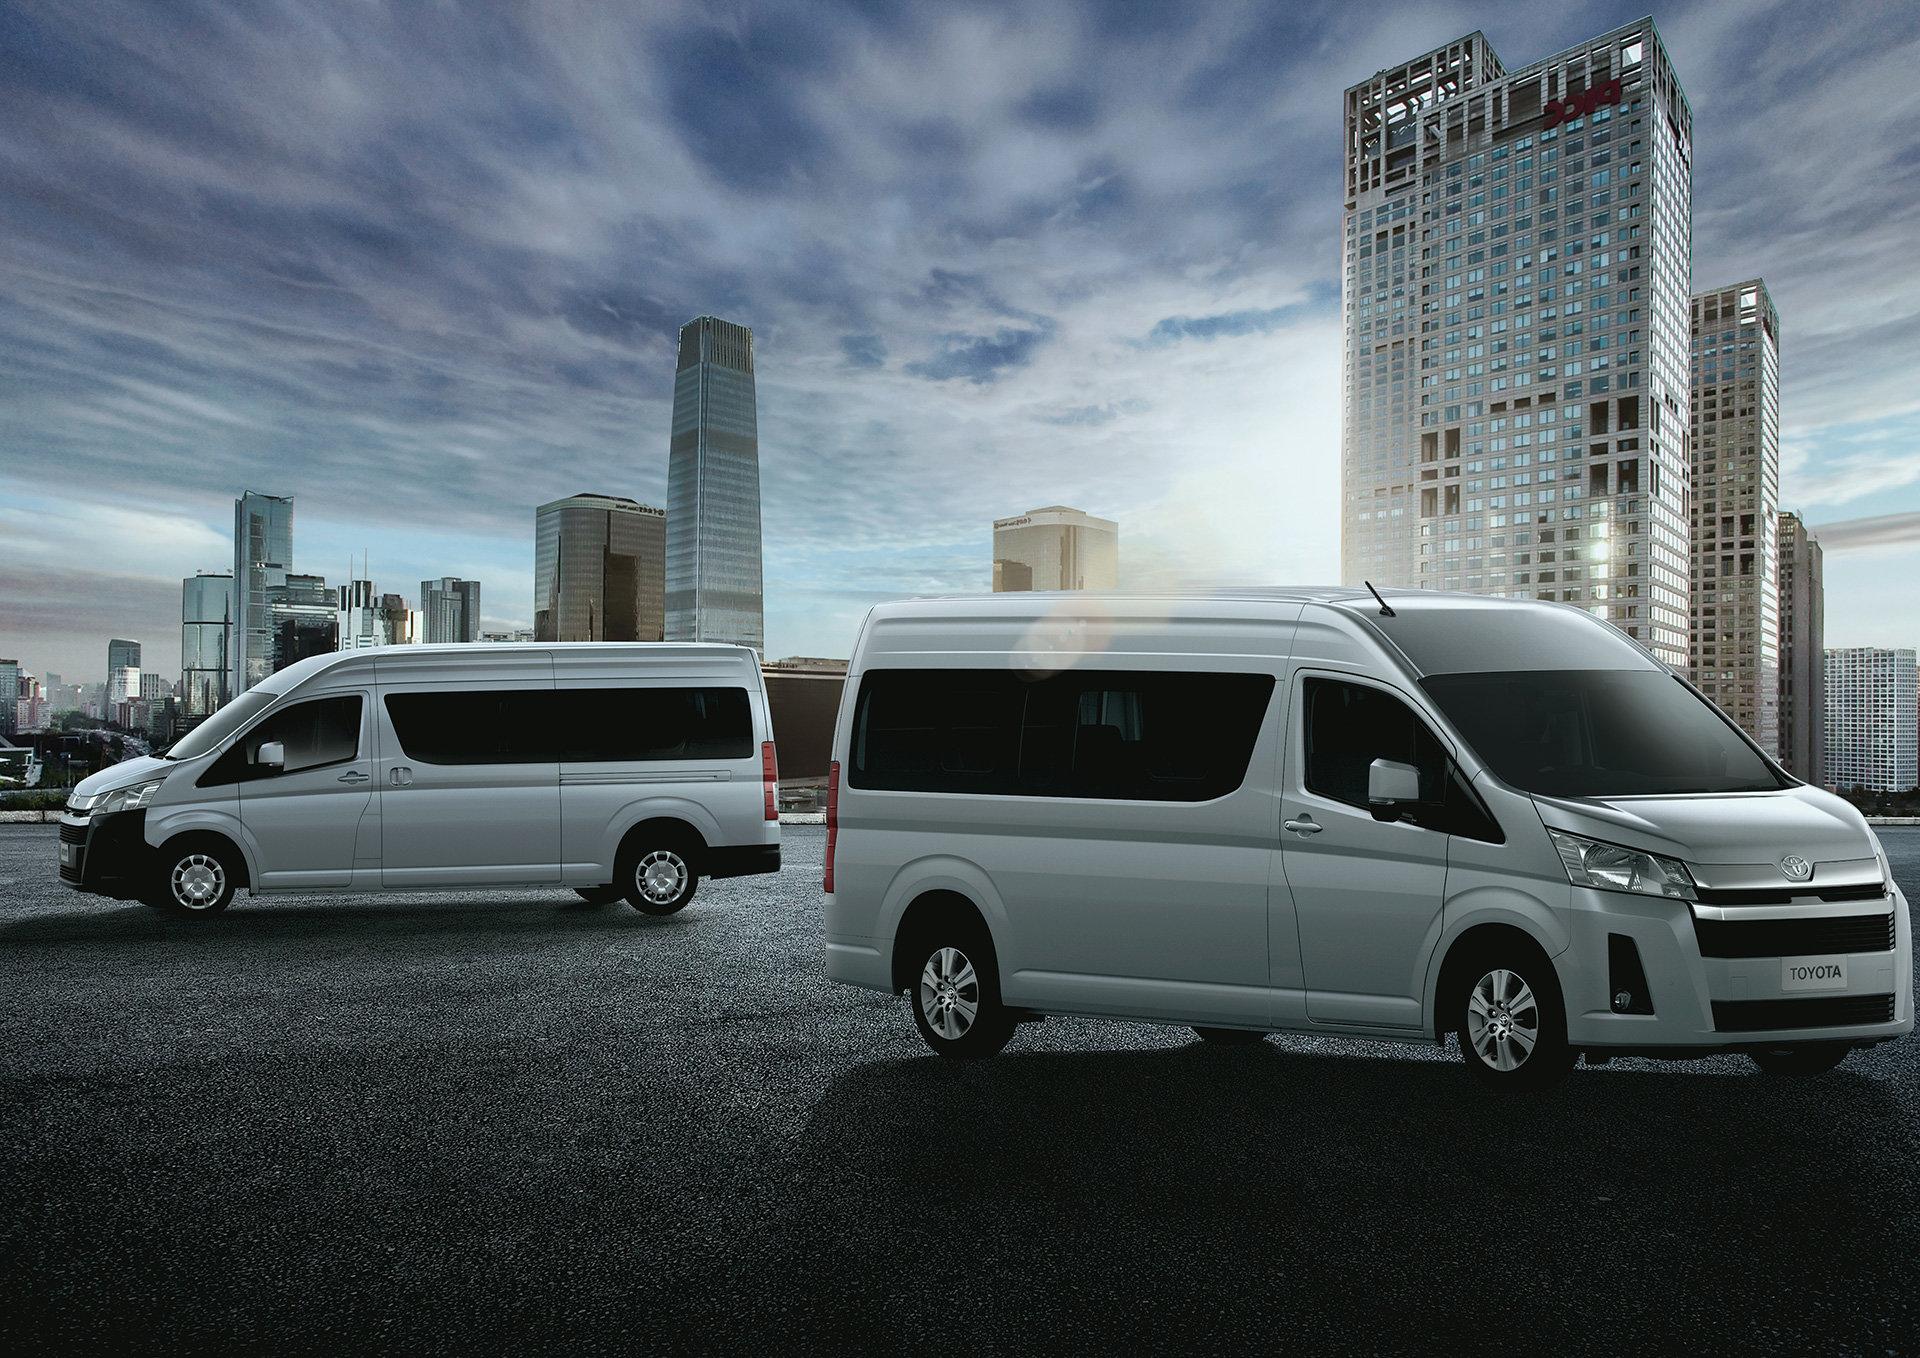 Новое поколение грузовичков Toyota: фотографии и подробности 1